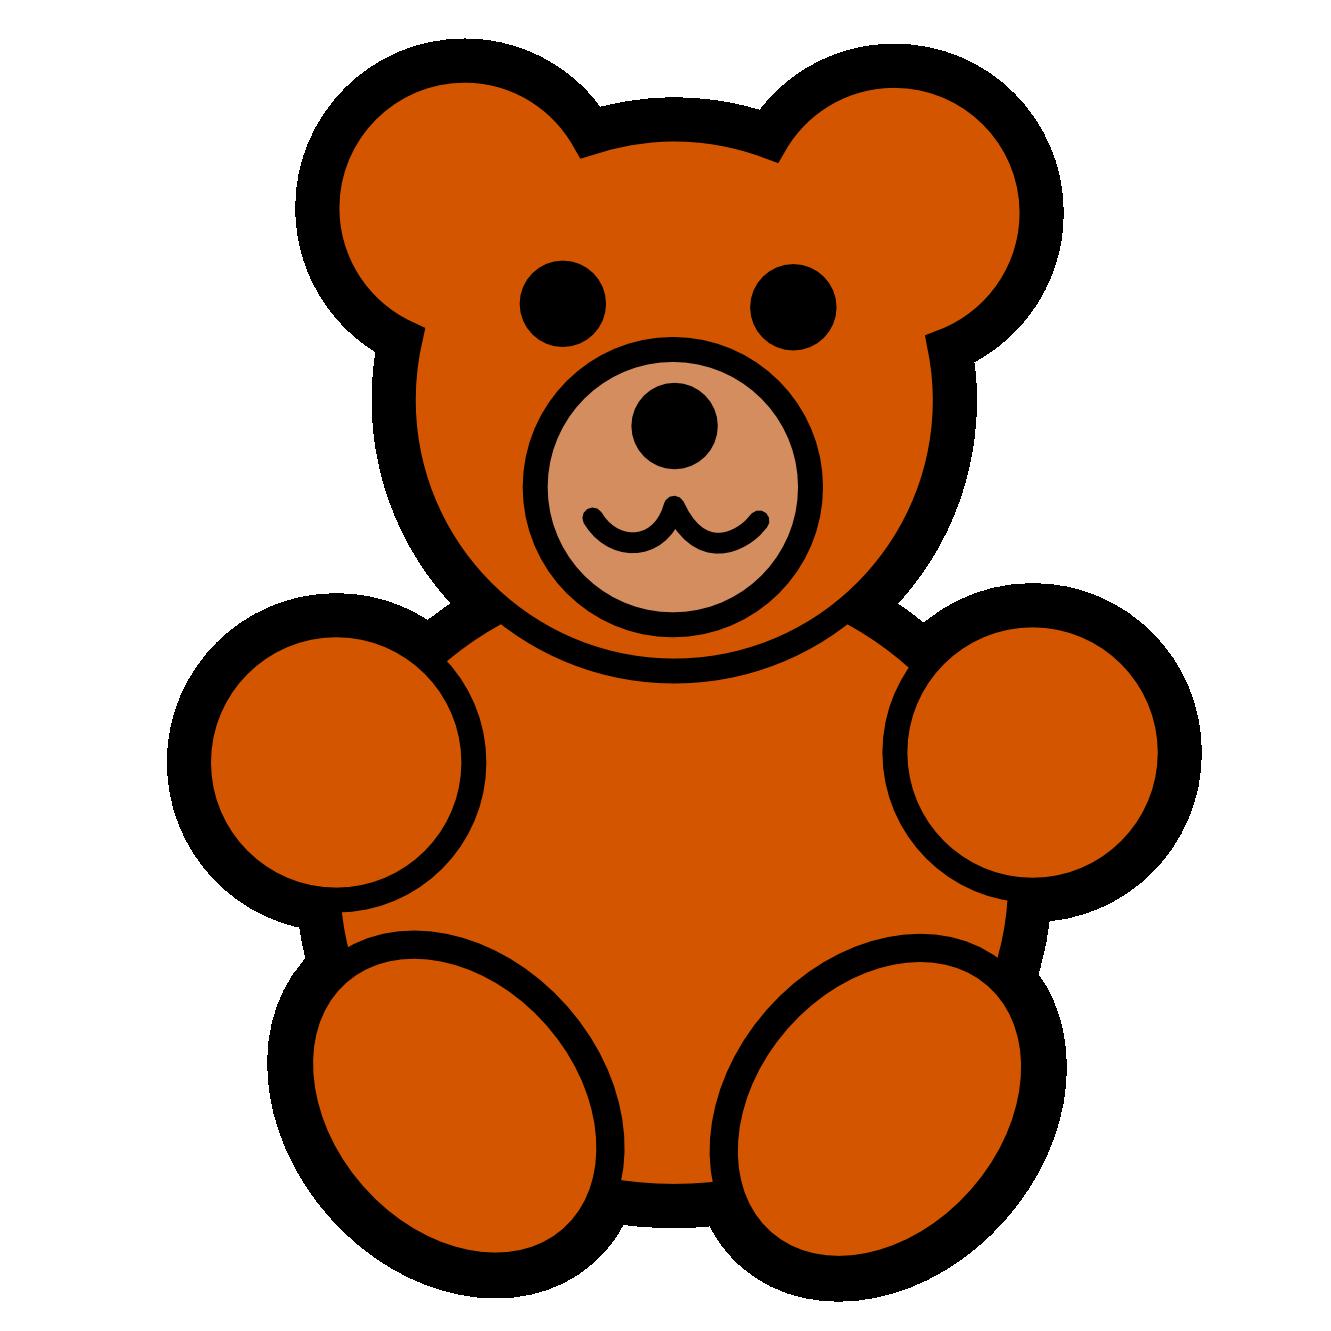 Teddy Bear Clipart-teddy bear clipart-14